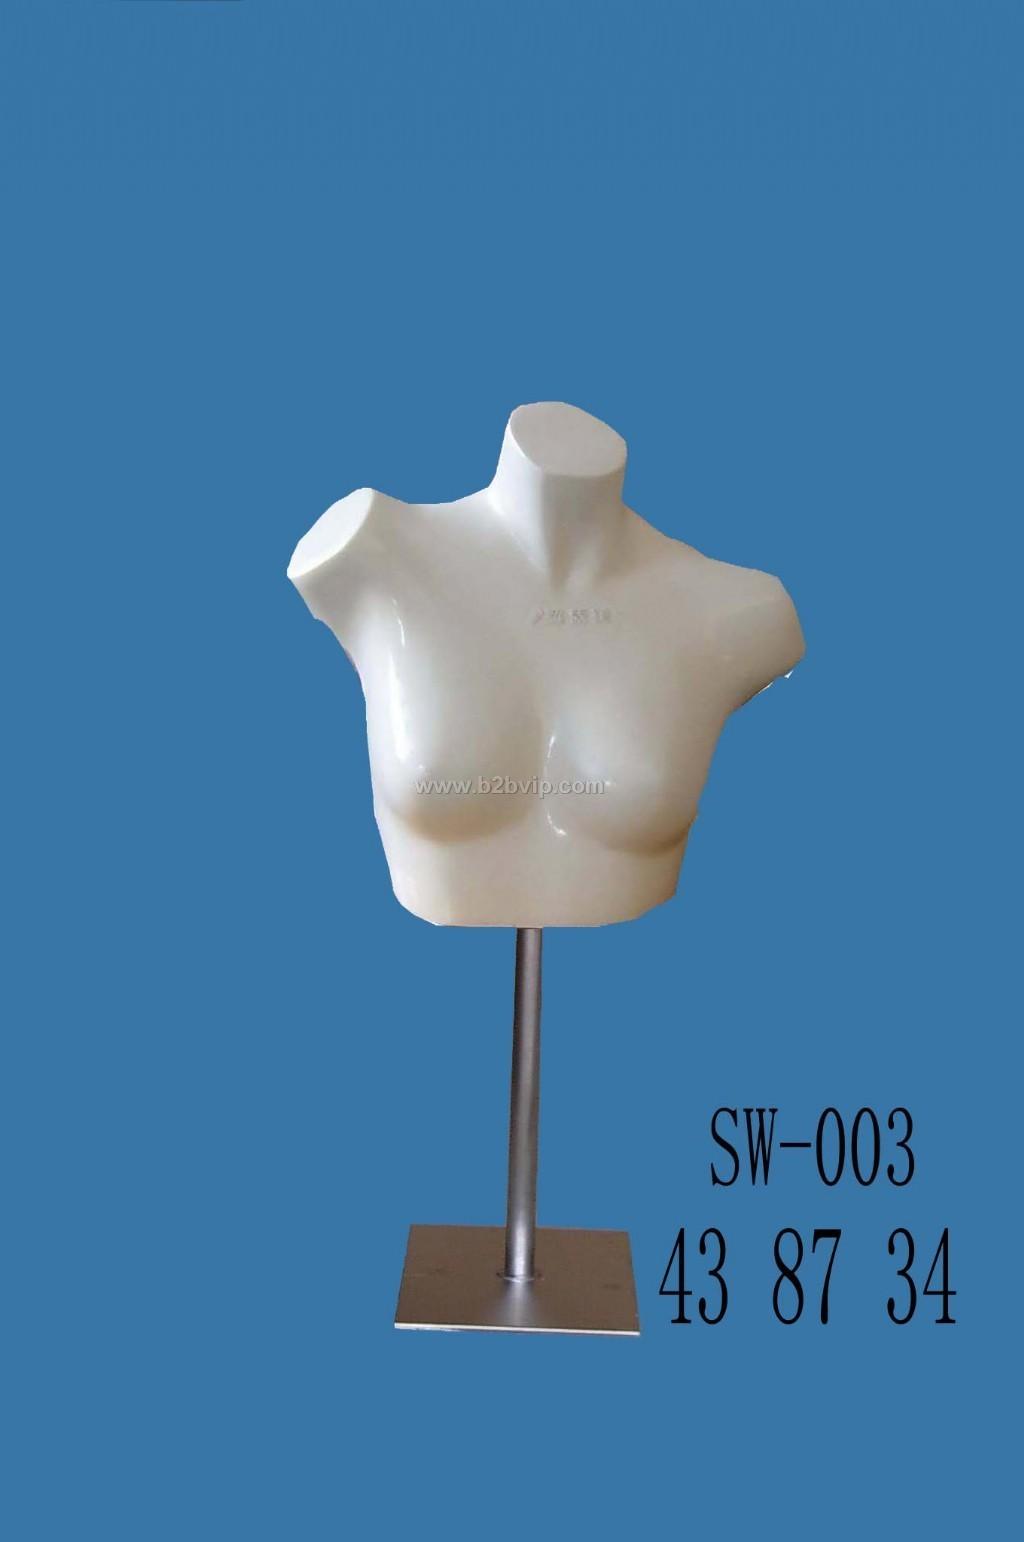 商场展示,服装道具,服装模特,假人模特,玻璃钢模特,半身胸模